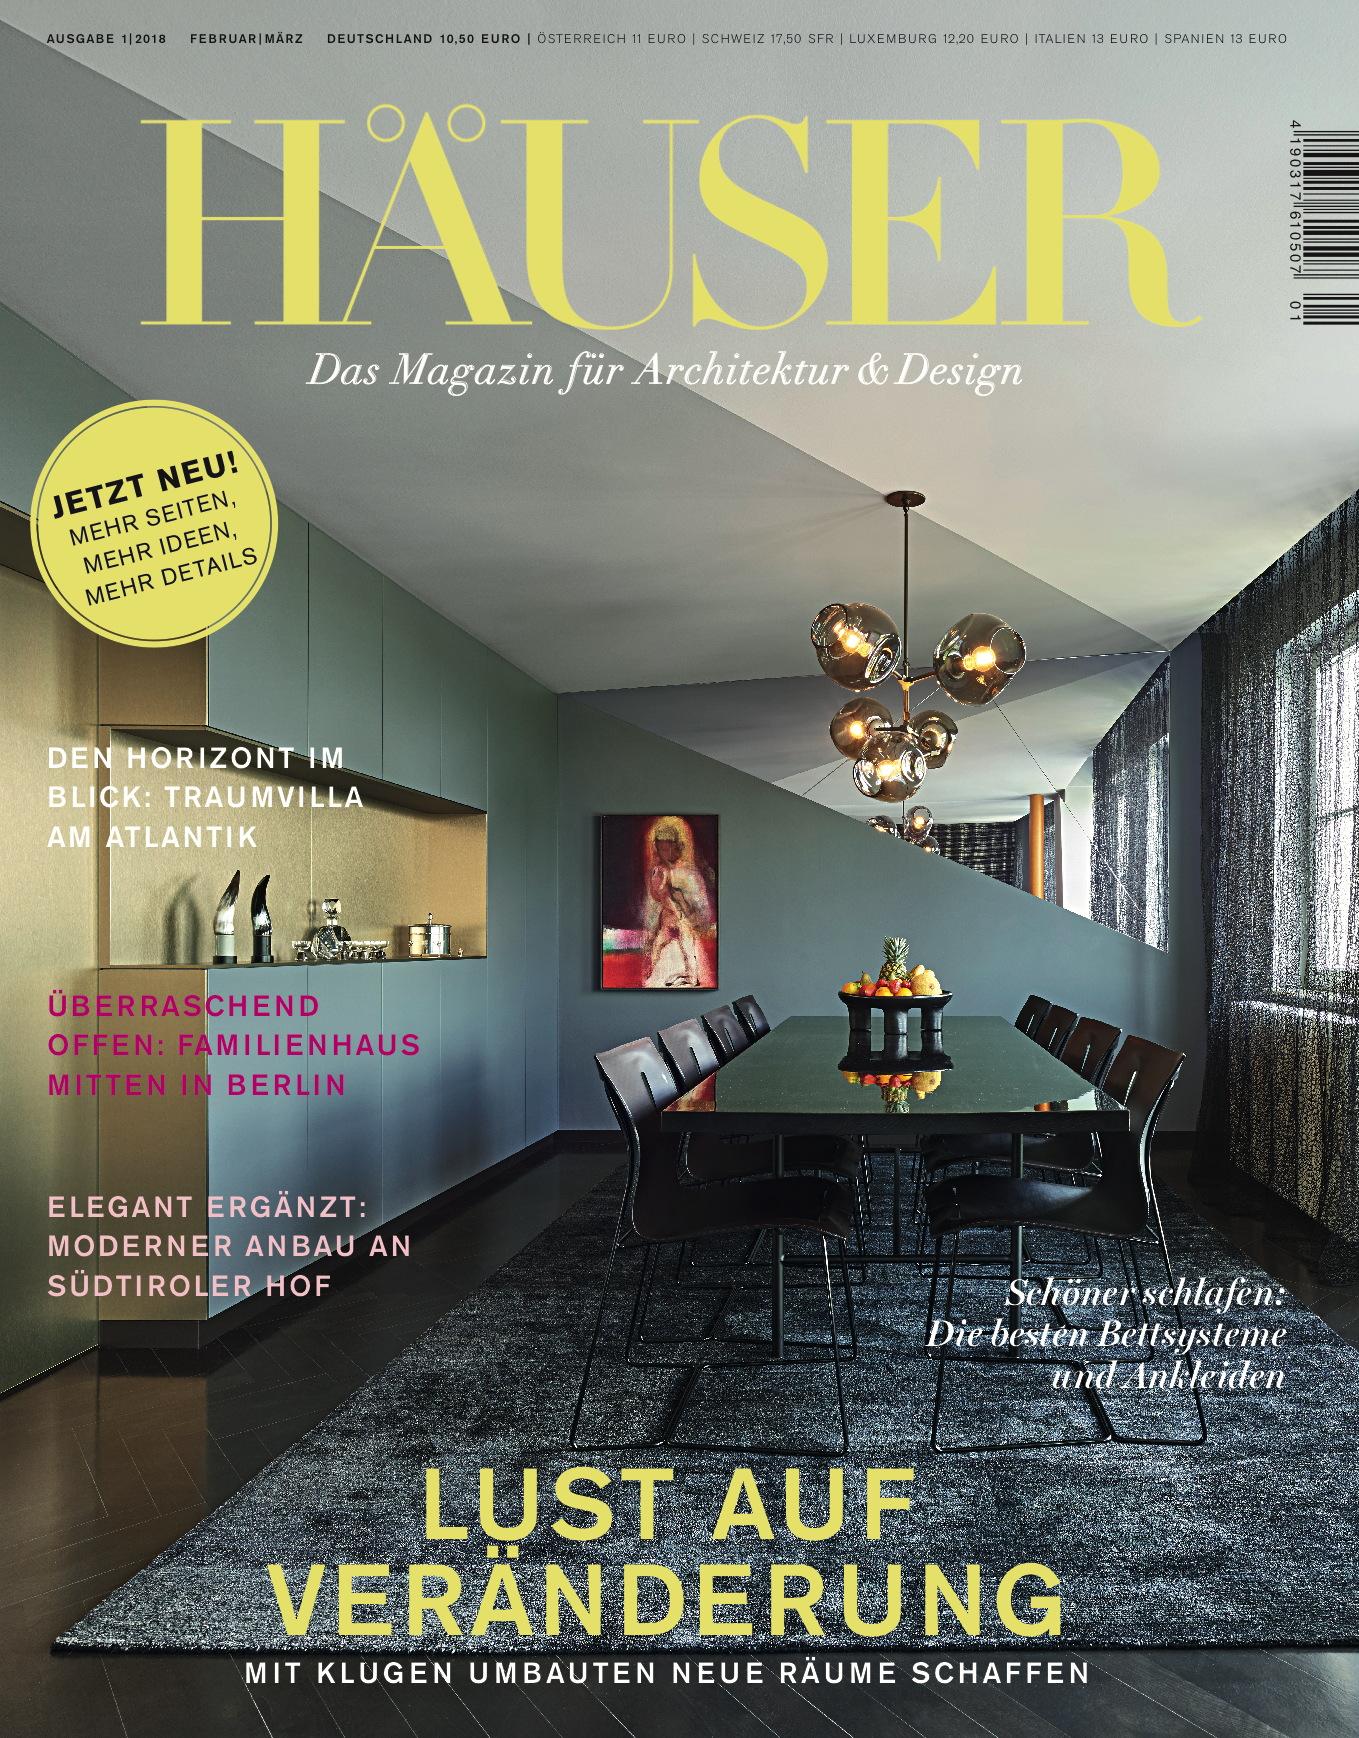 ▷ Deutschlands Premium-Architektur-Magazin startet ...